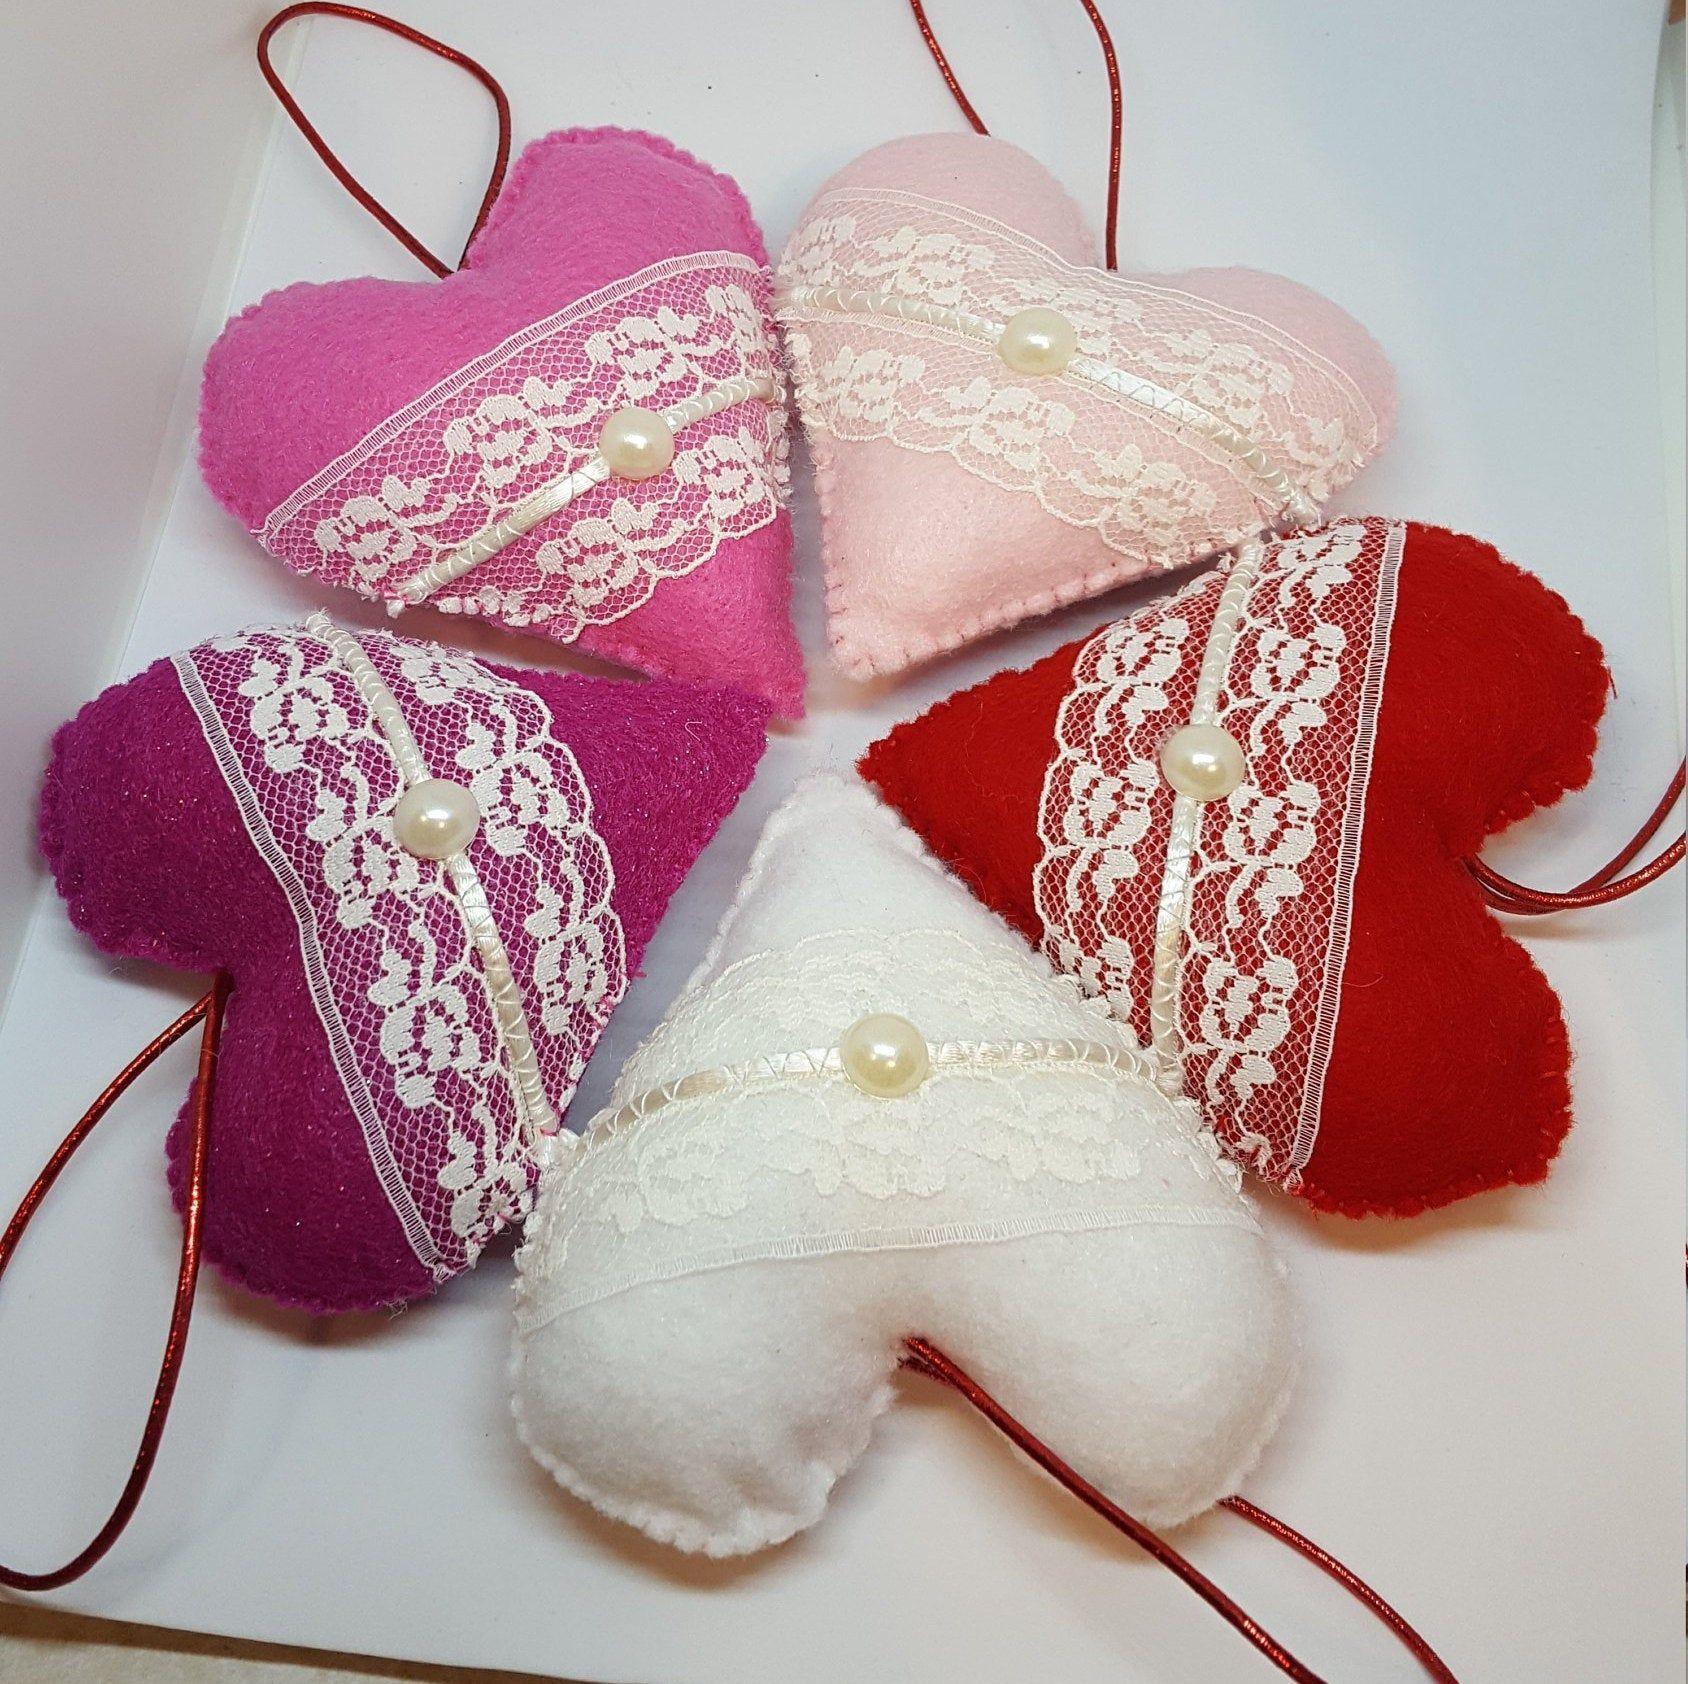 Felt Heart Ornaments Etsy Handmade Felt Ornament Felt Ornaments Heart Ornament